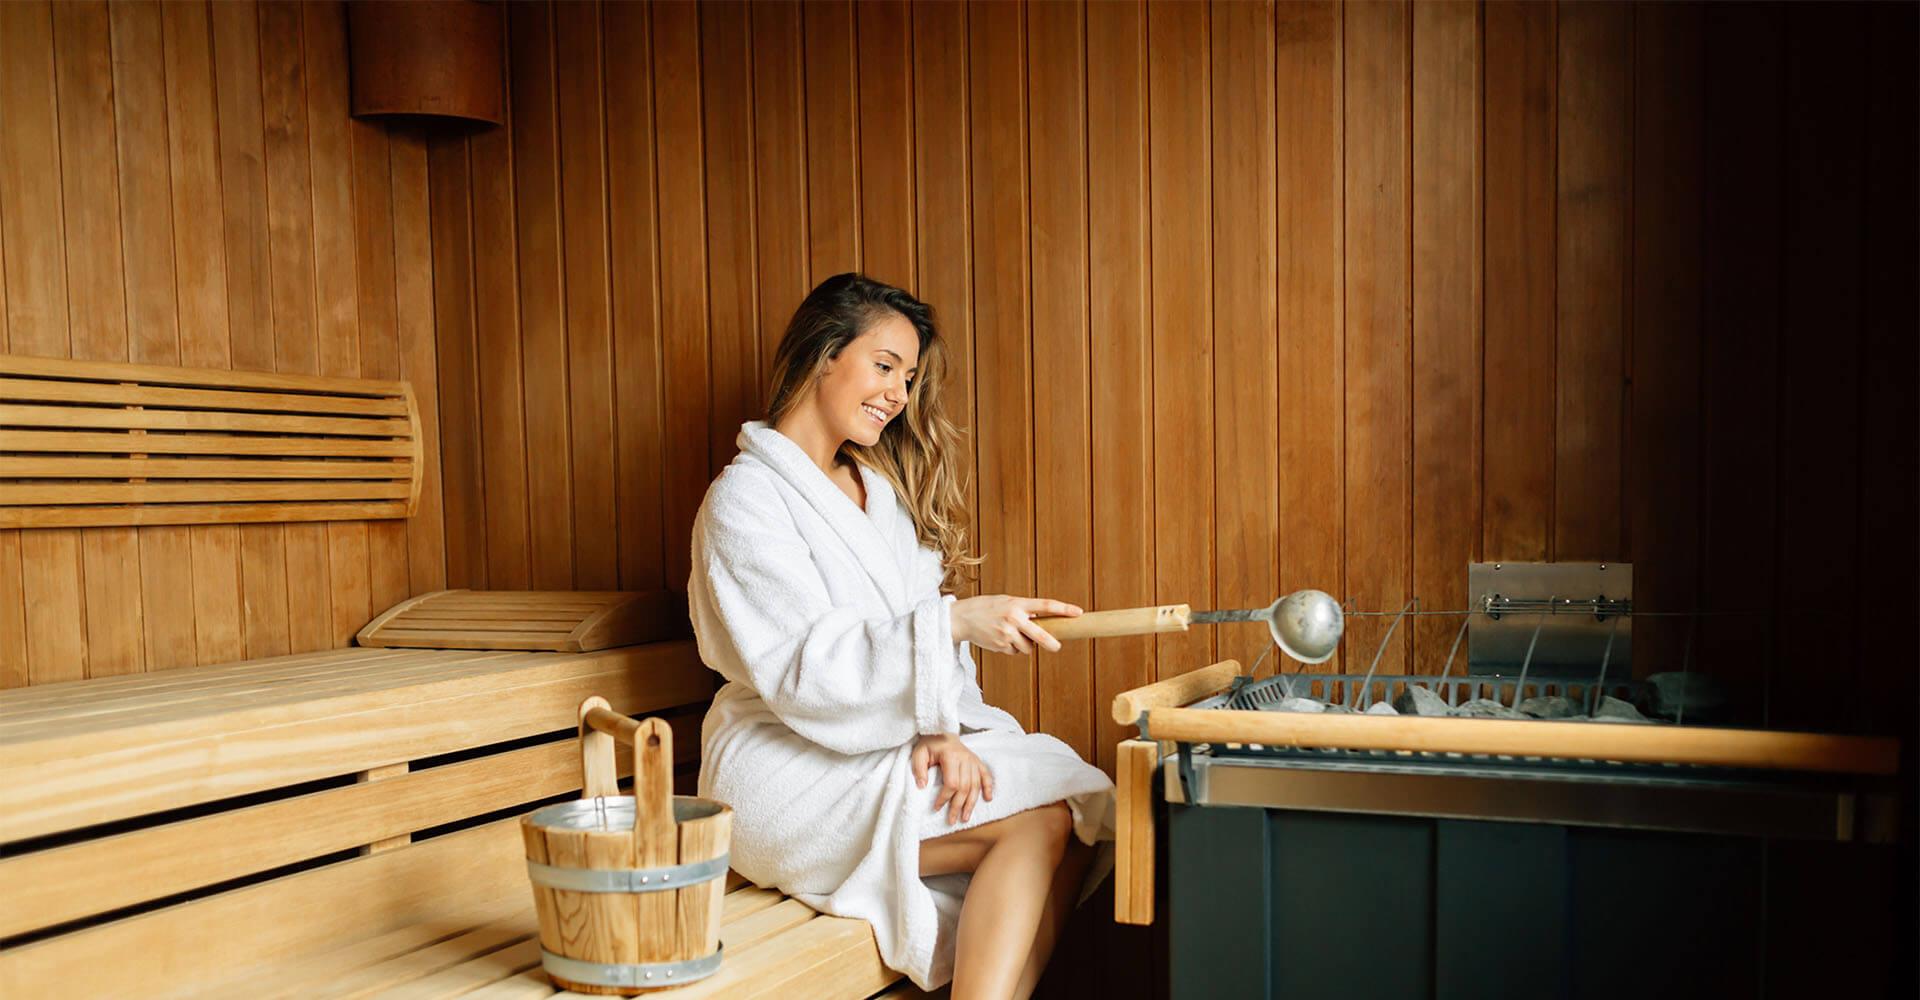 Frau sitzt mit Bademantel in Sauna und macht einen Aufguss, um in der Sauna abzunehmen